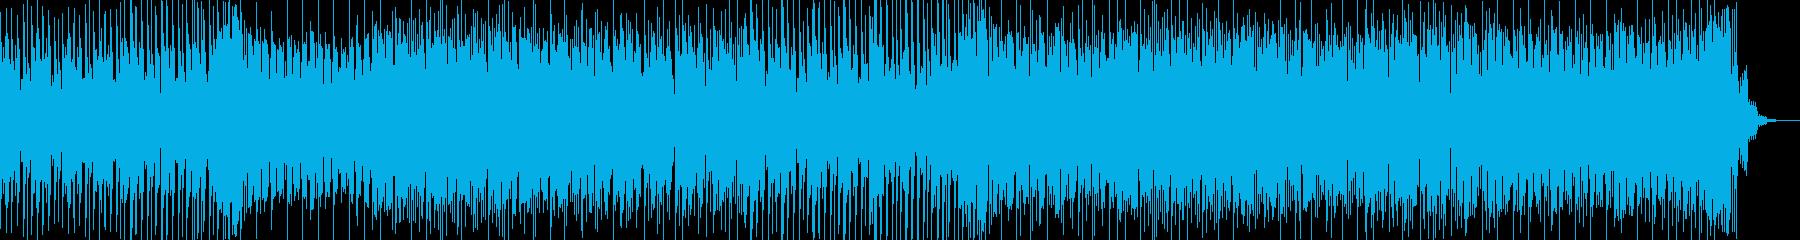 疾走感あふれるテクノ曲の再生済みの波形